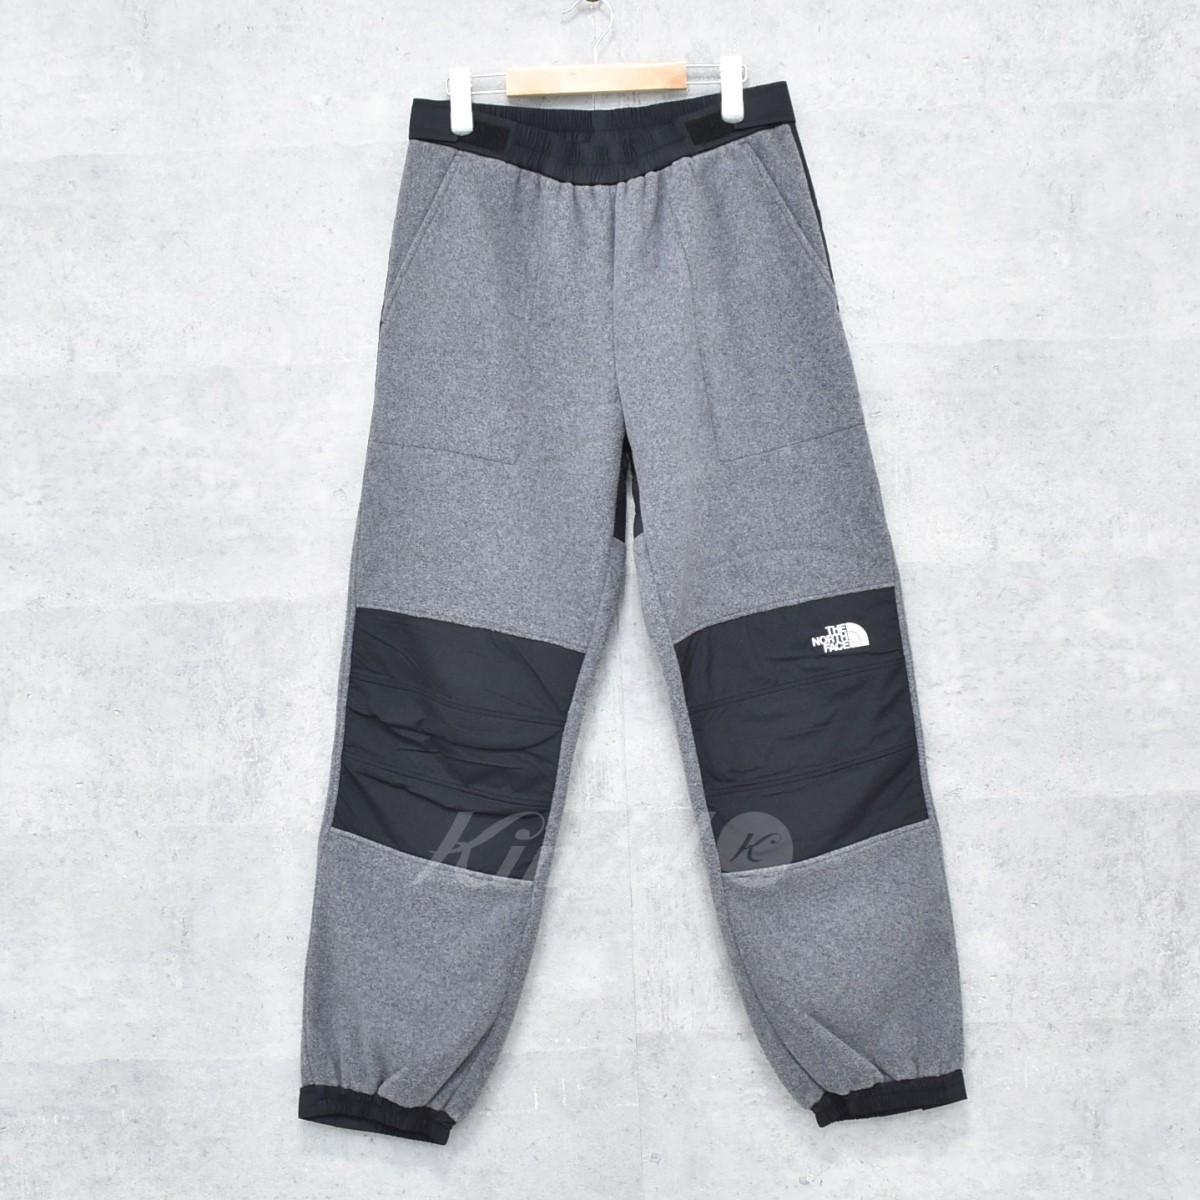 【中古】THE NORTH FACE Denali Slip-On Pant グレー サイズ:XL 【送料無料】 【281018】(ザノースフェイス)